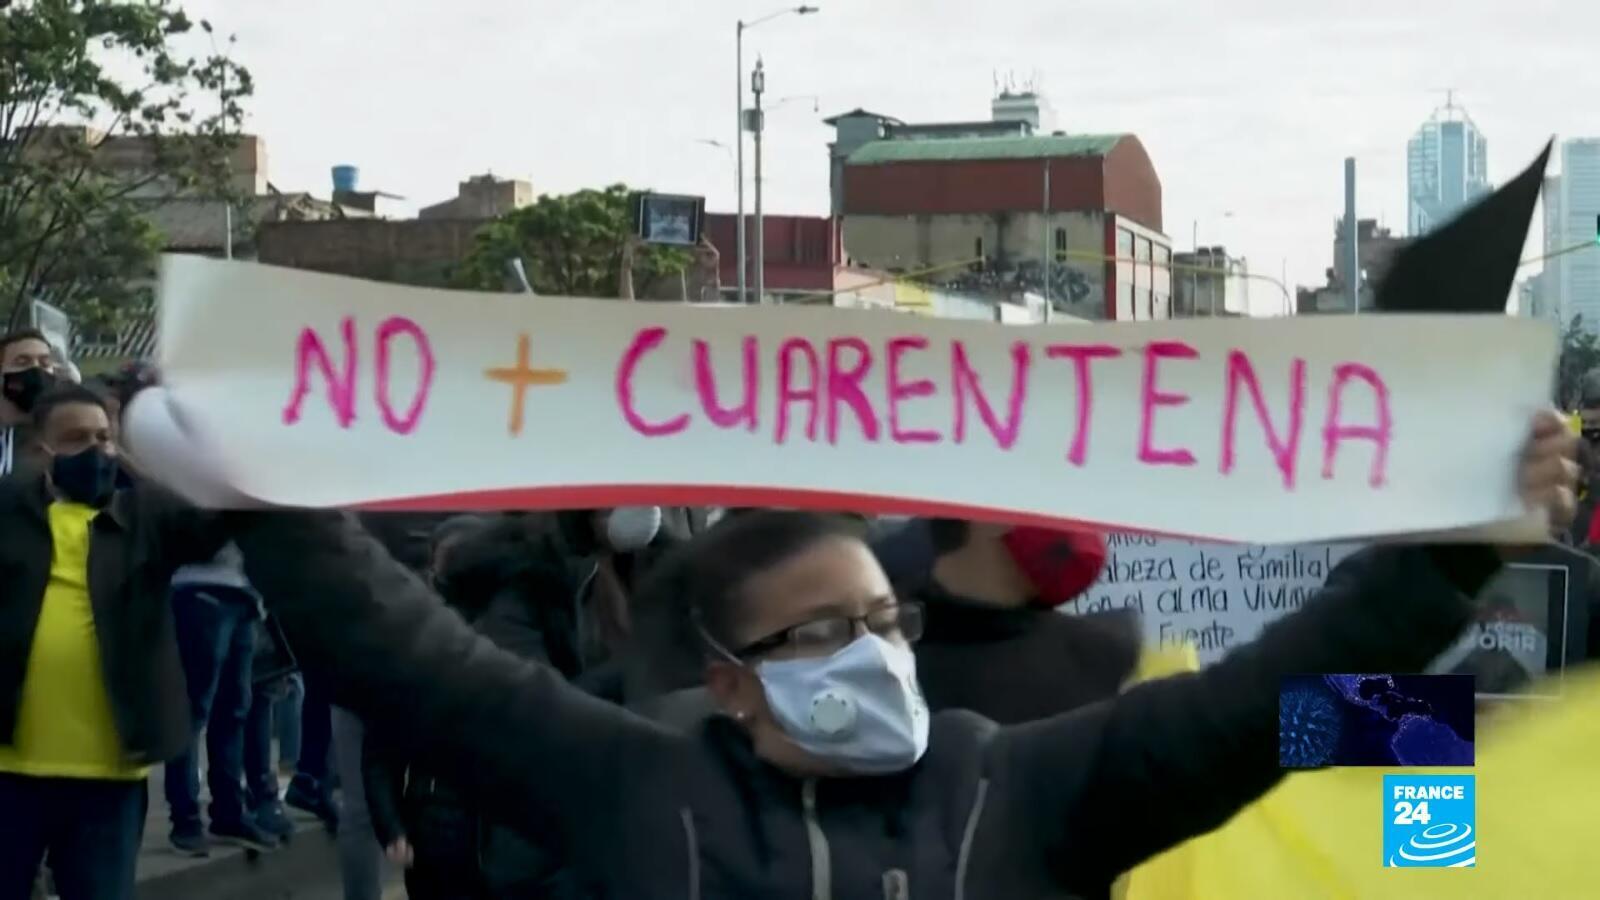 Covid-19 La Semana en América - Fin cuarentena